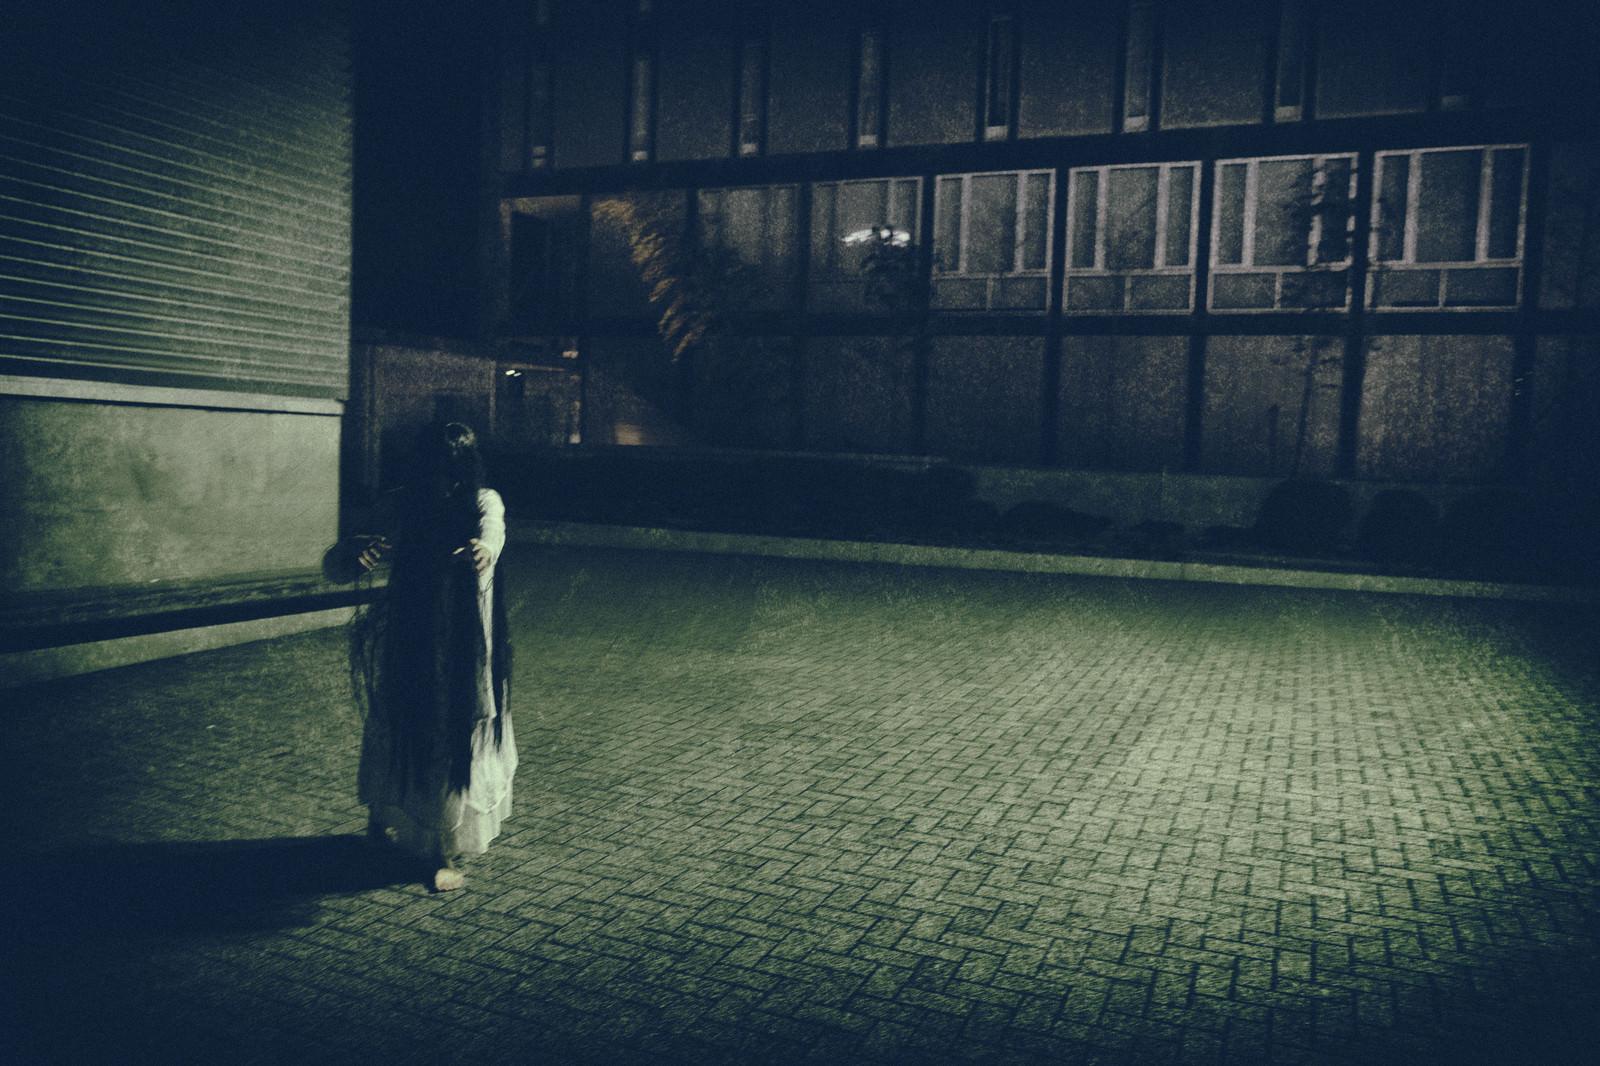 「ゆっくり近づいてくる女性の亡霊 | 写真の無料素材・フリー素材 - ぱくたそ」の写真[モデル:緋真煉]